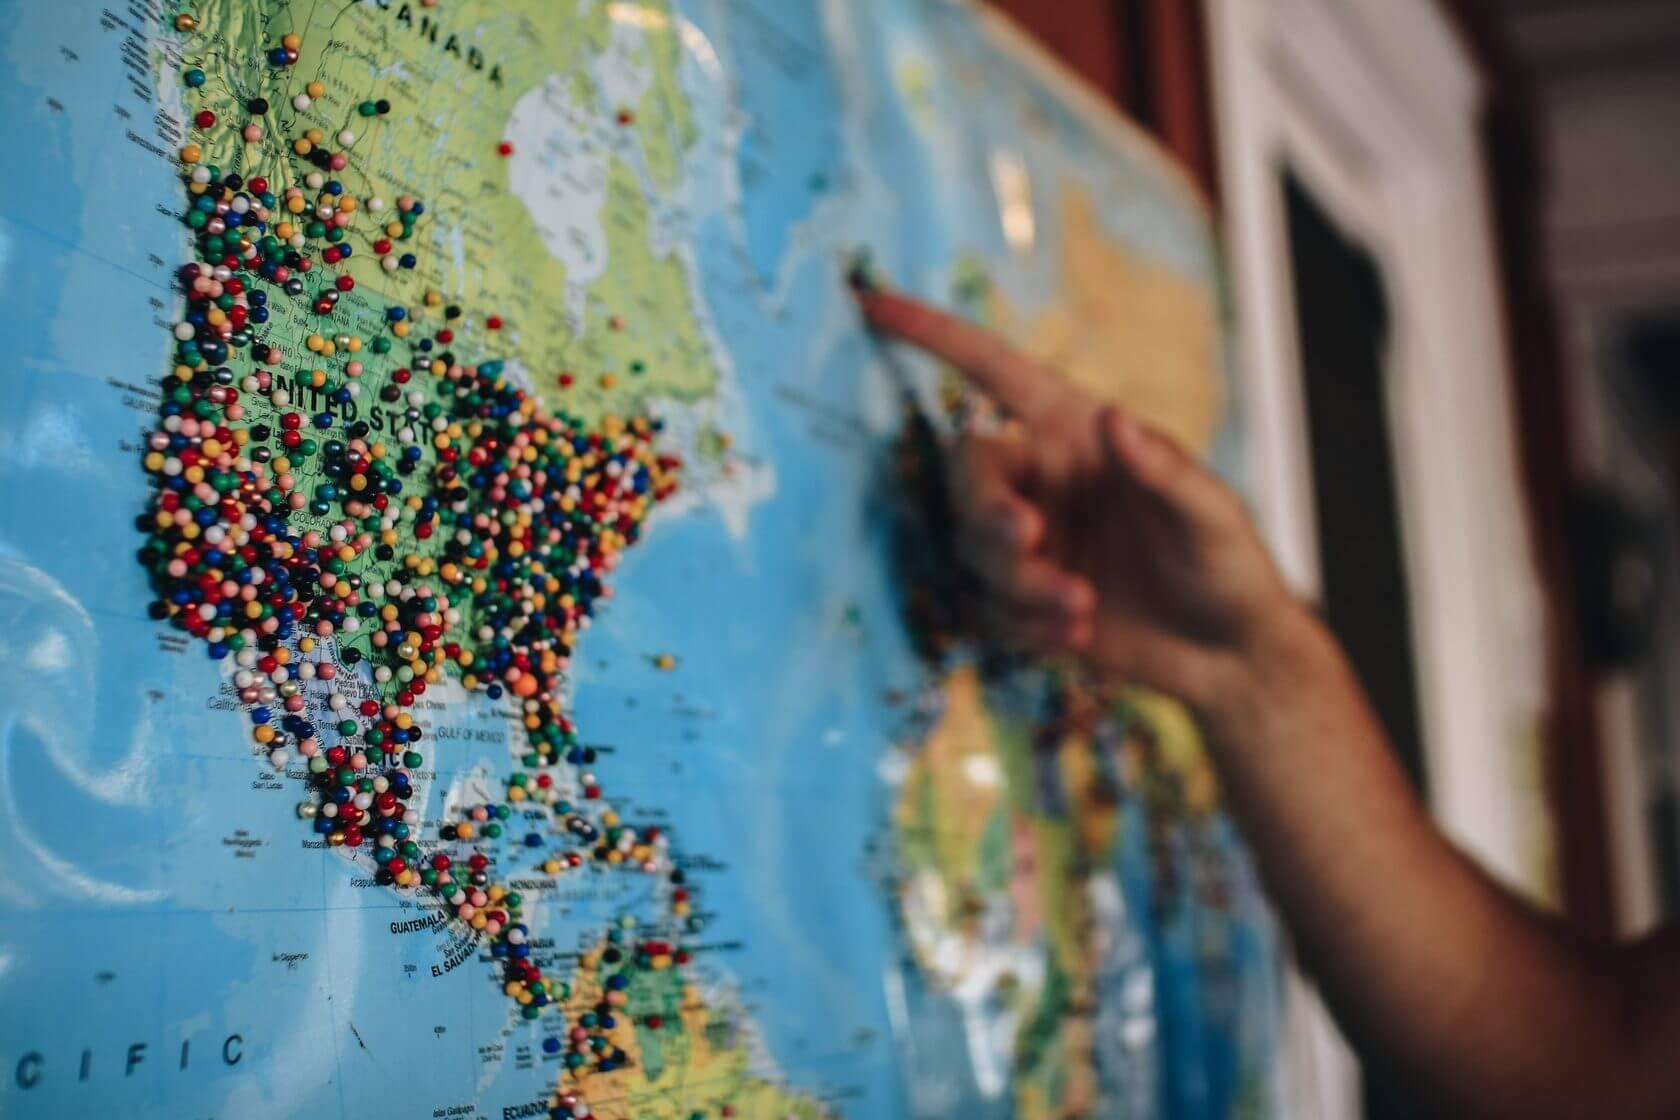 Adves запускает сервис по защите онлайн-репутации бизнеса